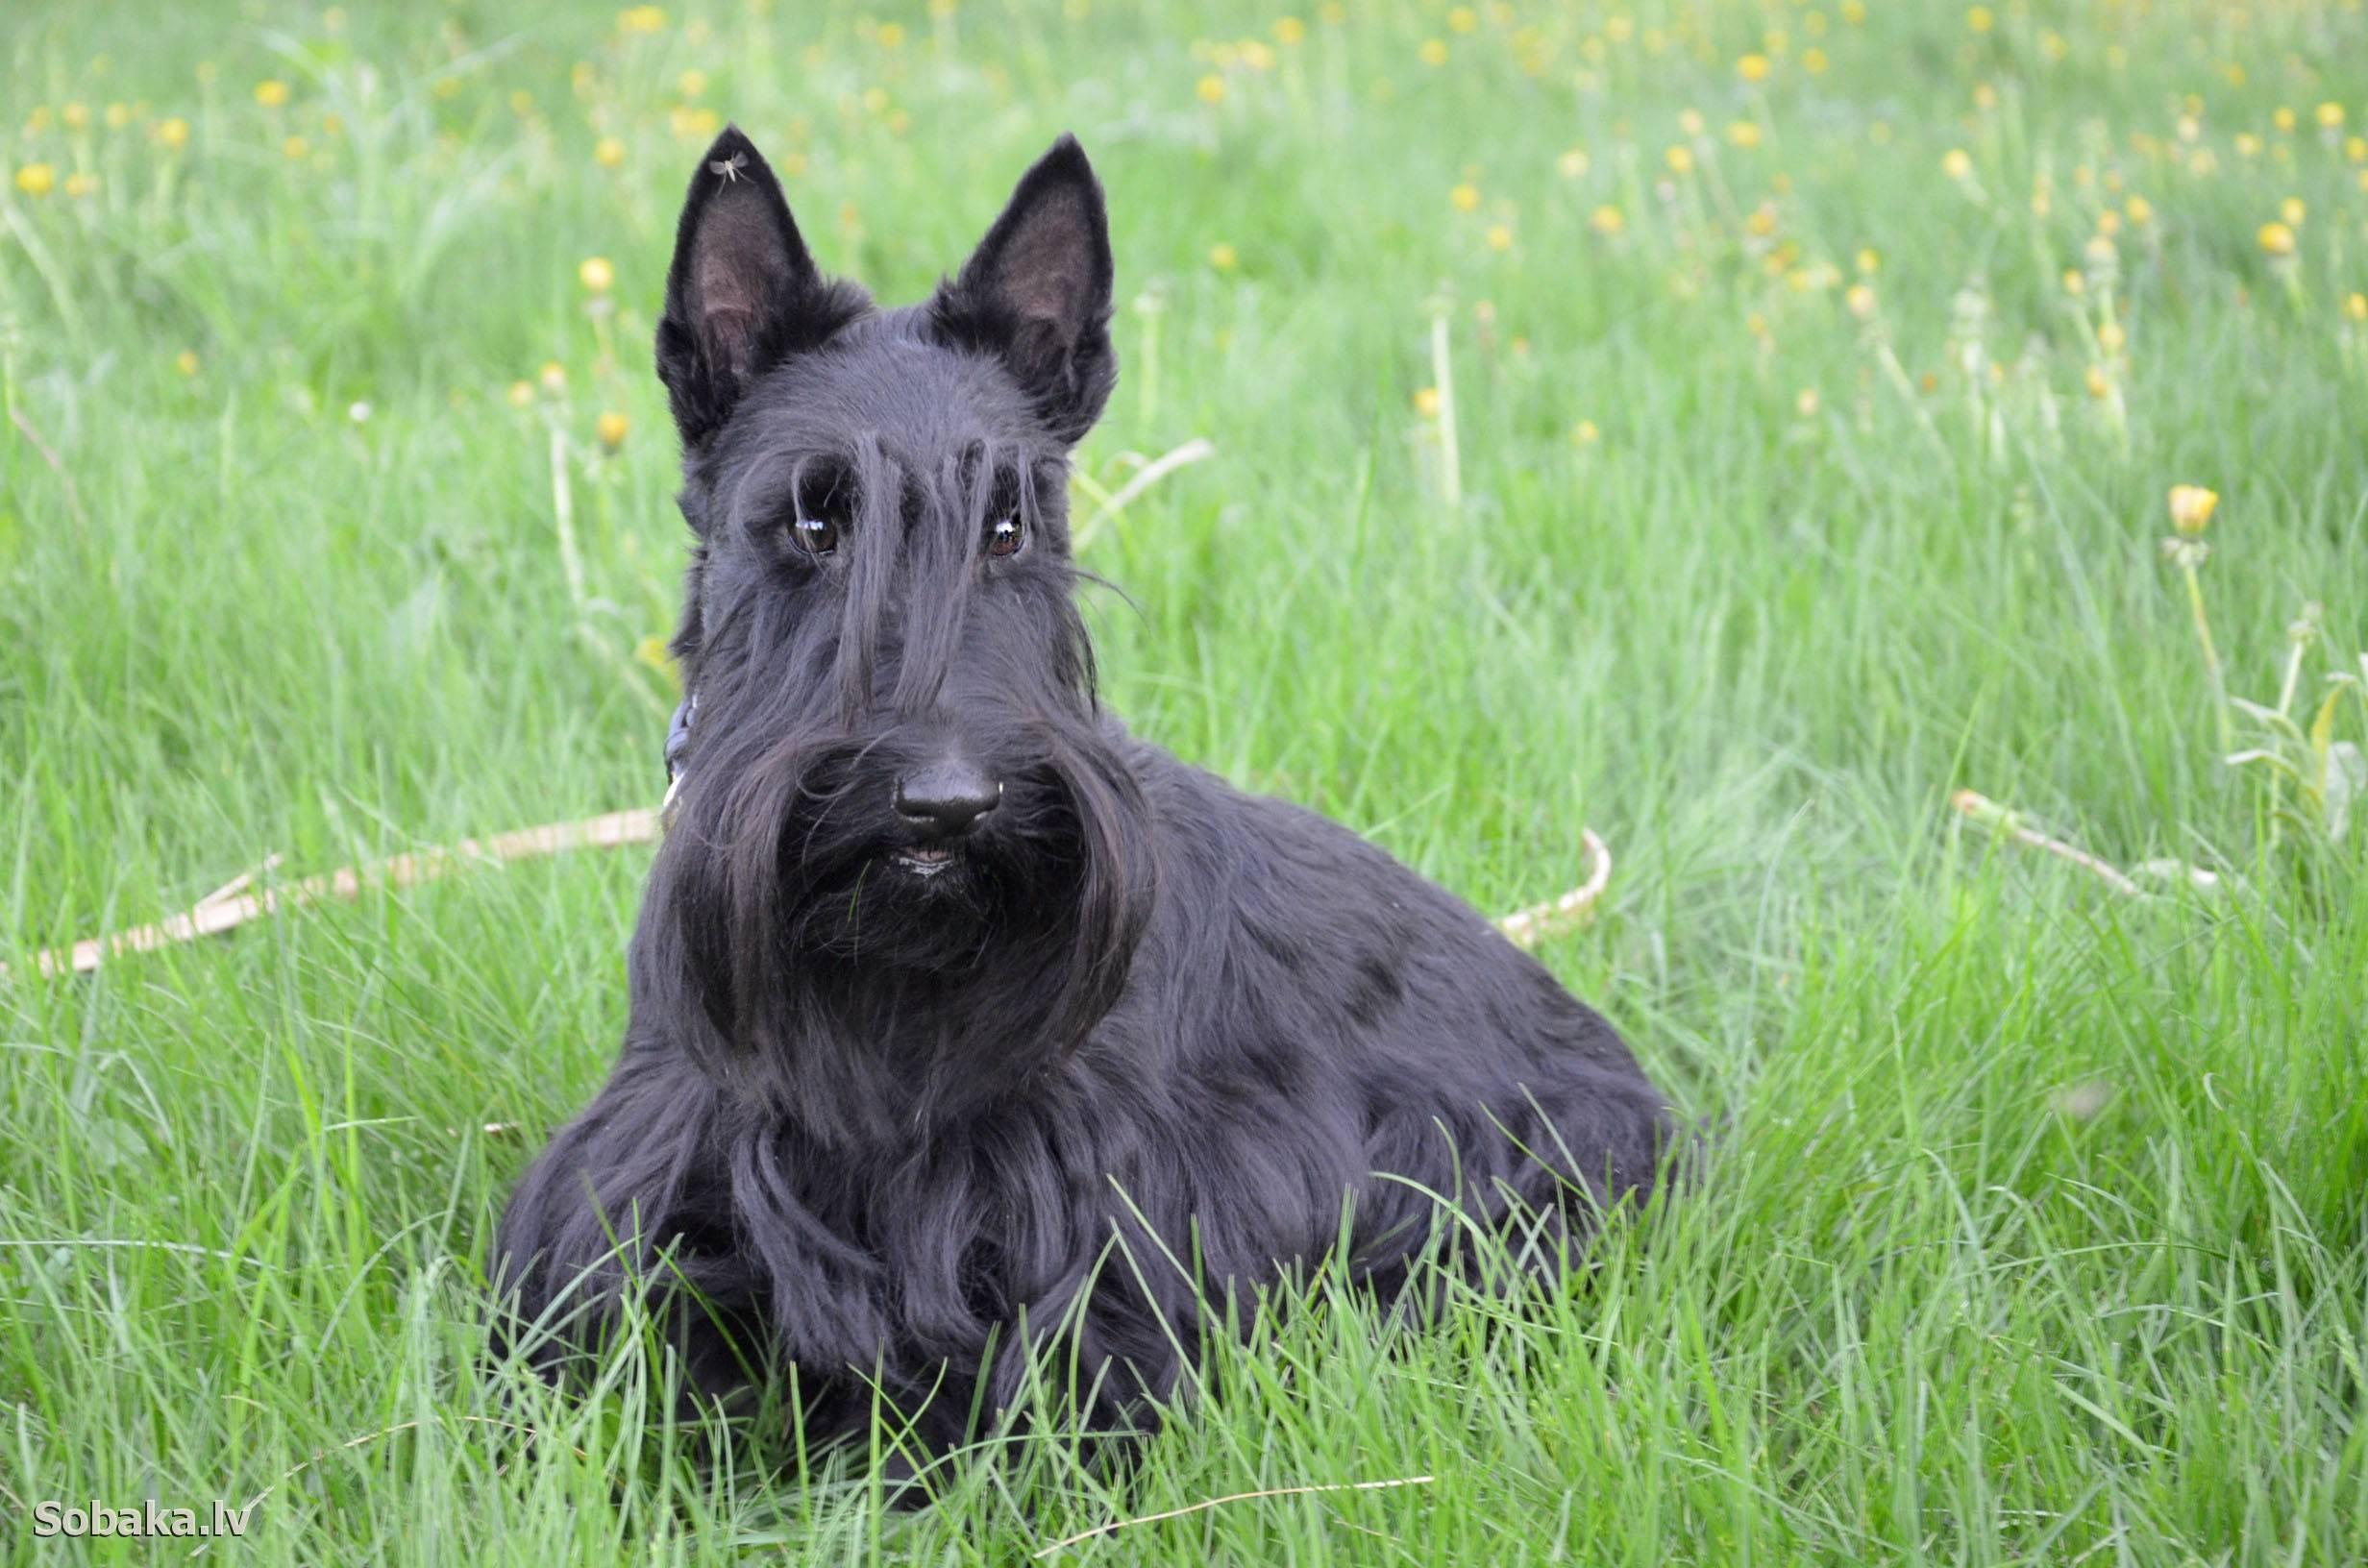 Порода собак шотландский терьер, или скотч терьер: фото, видео, описание породы и характер